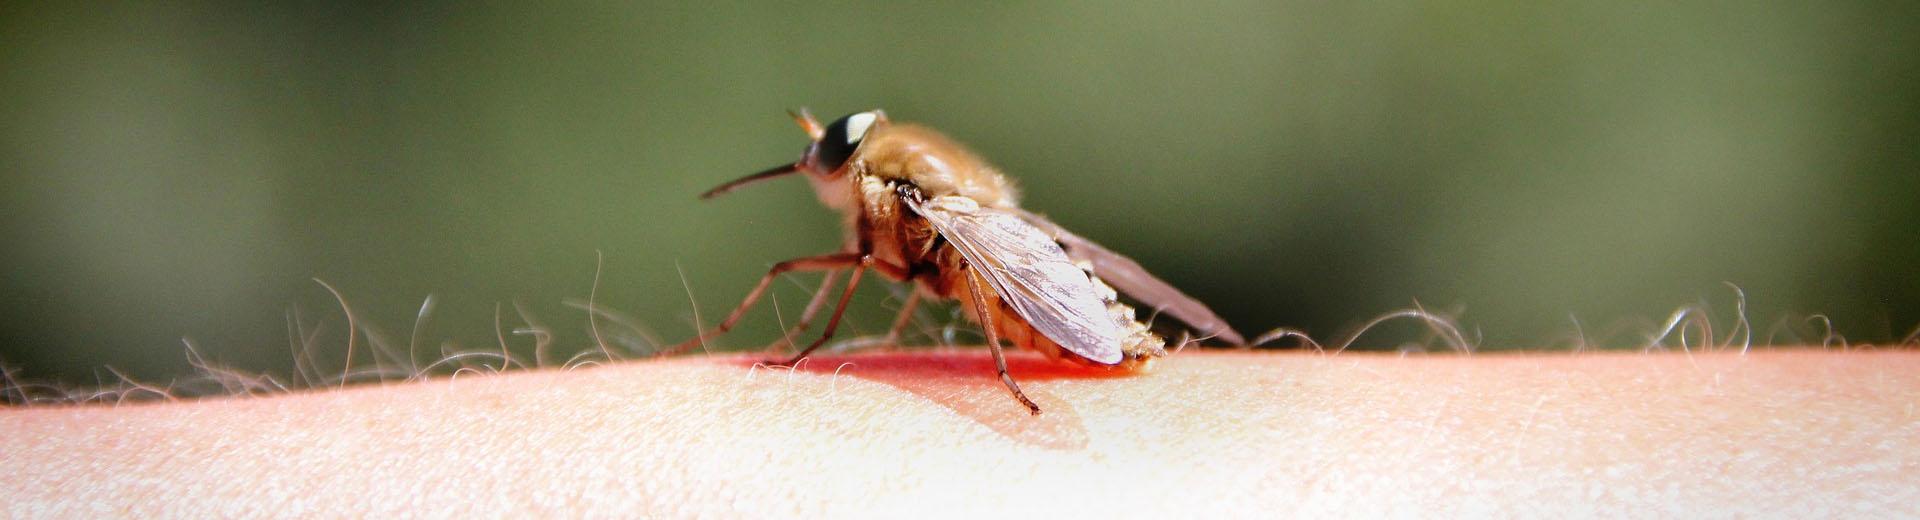 hausmittel gegen insektenstiche kammerj ger ratgeber. Black Bedroom Furniture Sets. Home Design Ideas